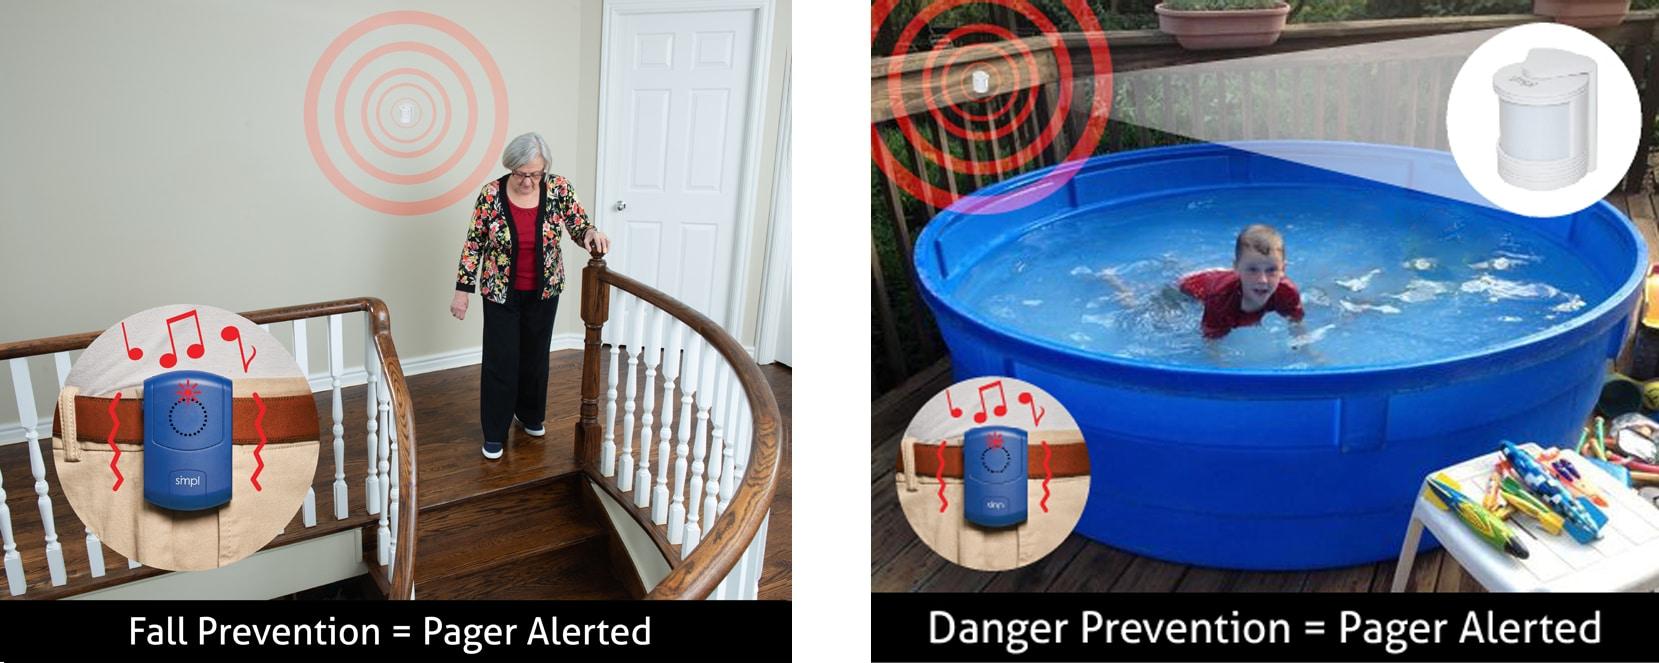 Fall Prevention - Danger Prevention